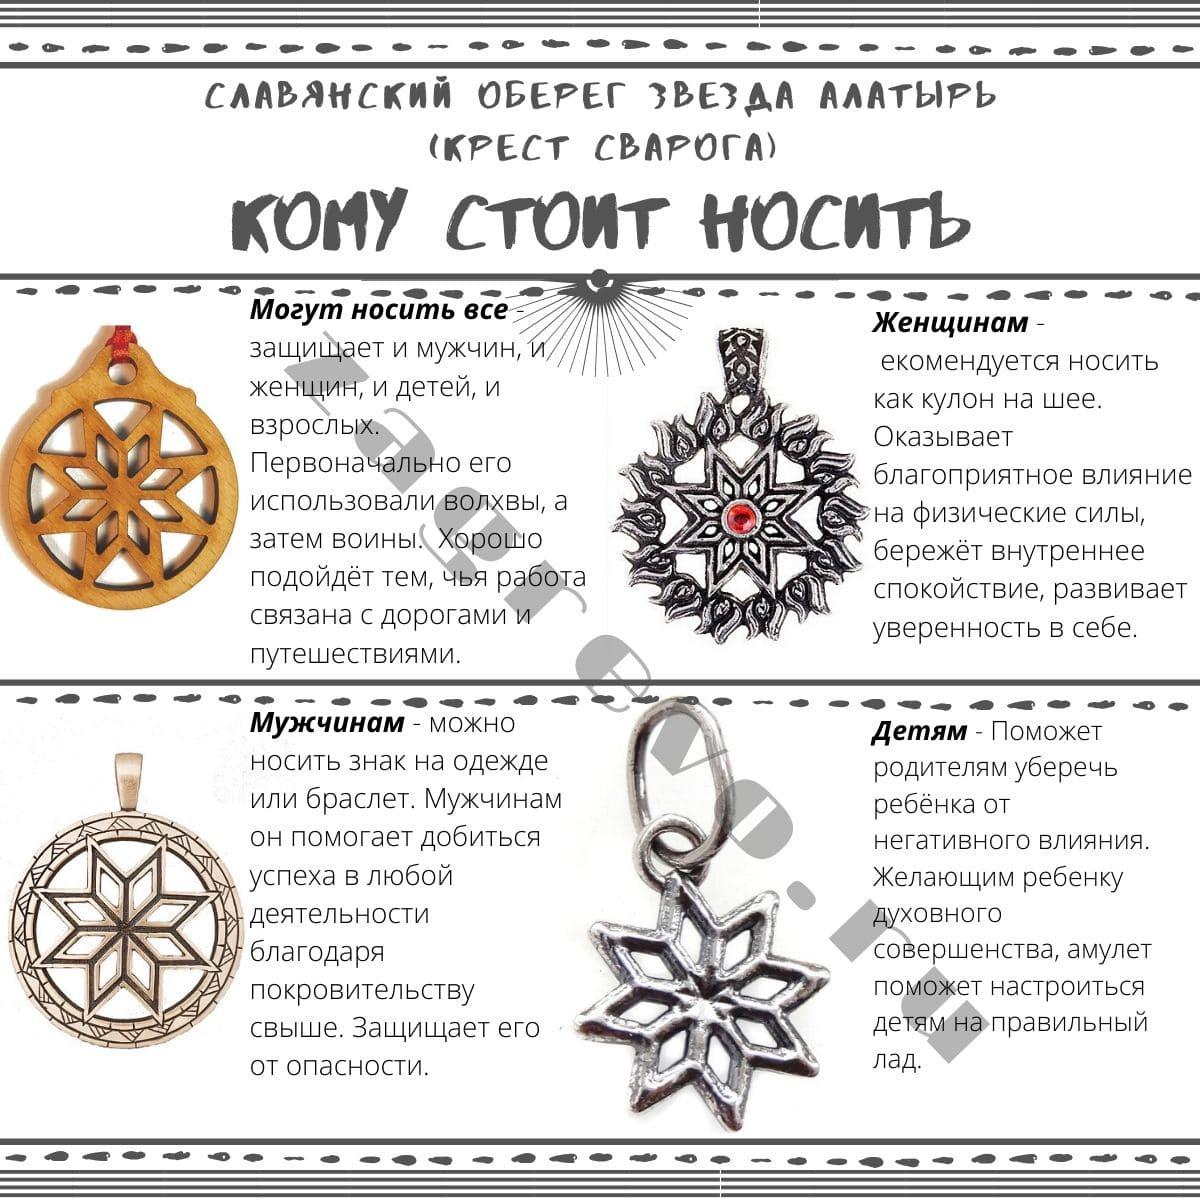 Оберег алатырь: значение восьмиконечного славянского символа, как активировать